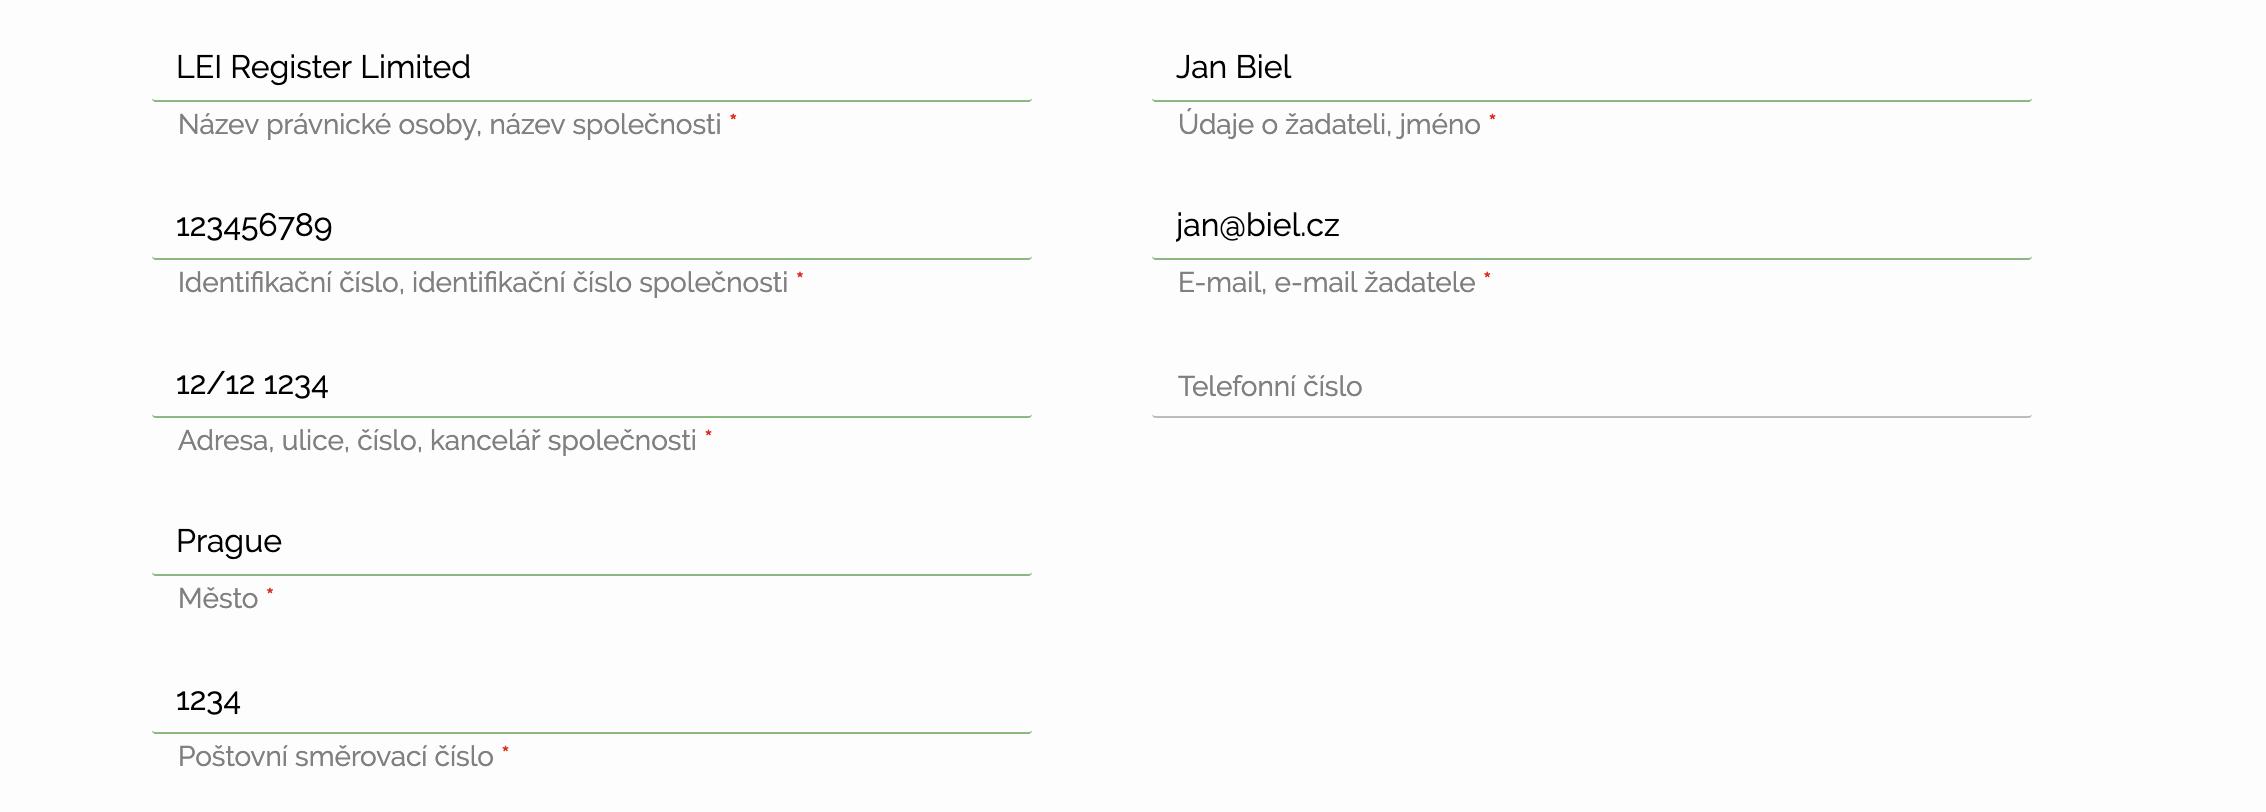 ZÍSKEJTE VAŠE KÓD LEI BĚHEM NĚKOLIKA HODIN, NIKOLIV DNÍ! Nejrychlejší a nejlevnější žádost o kód LEI v Česku